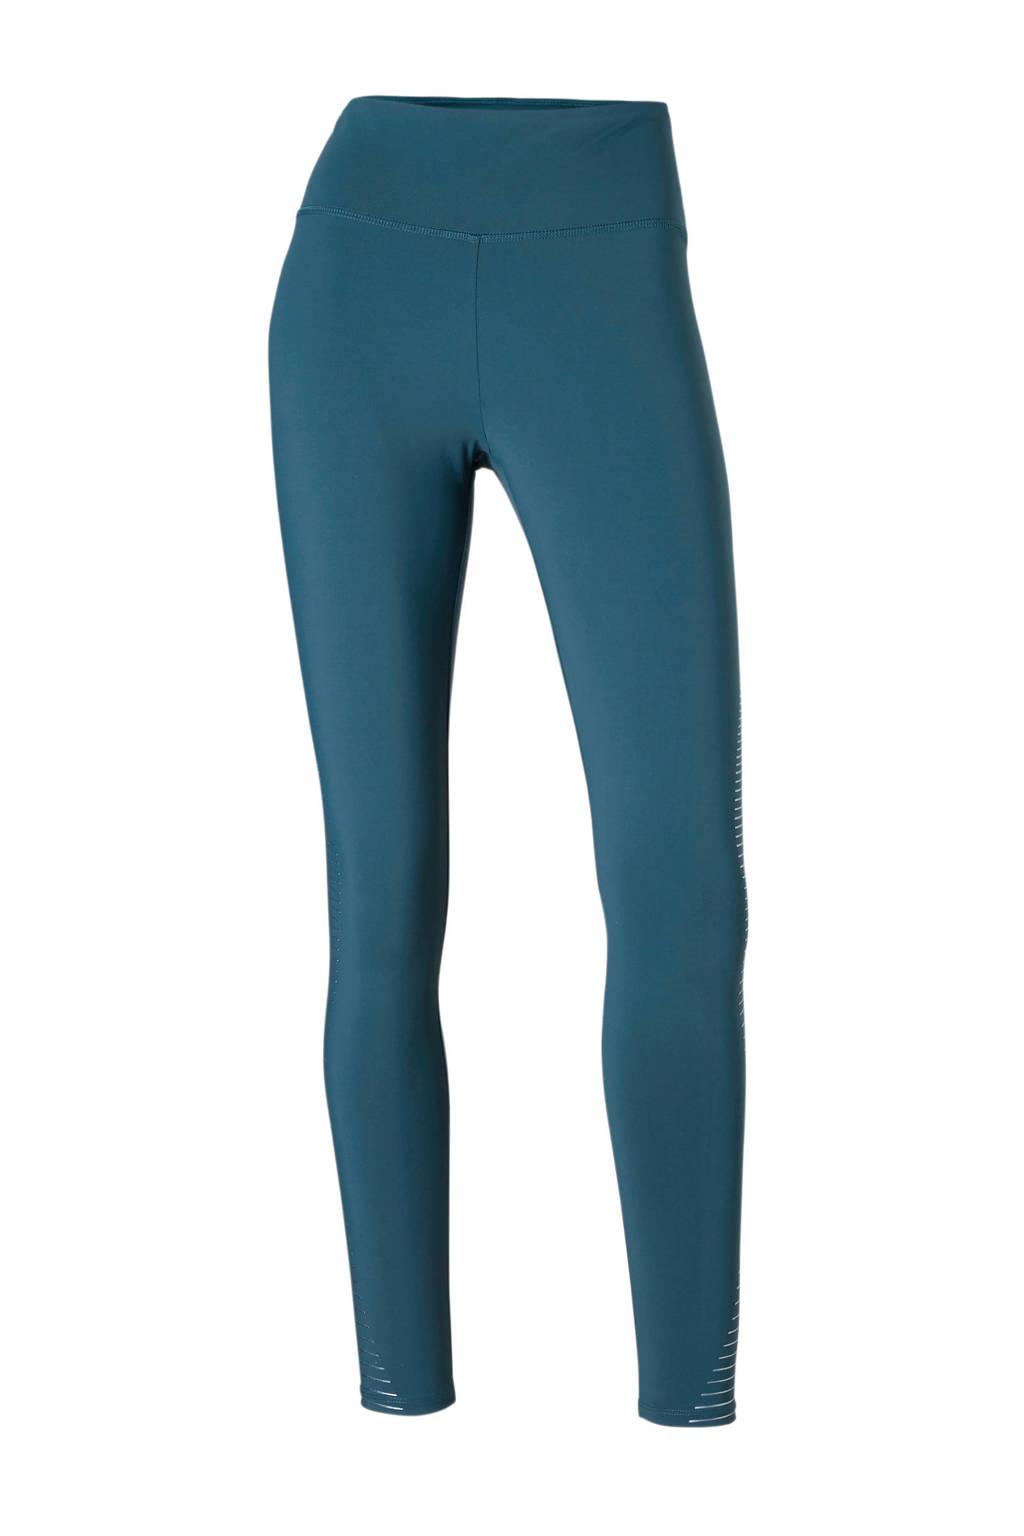 ESPRIT Women Sports 7/8 sportlegging blauw, Blauw/zilver